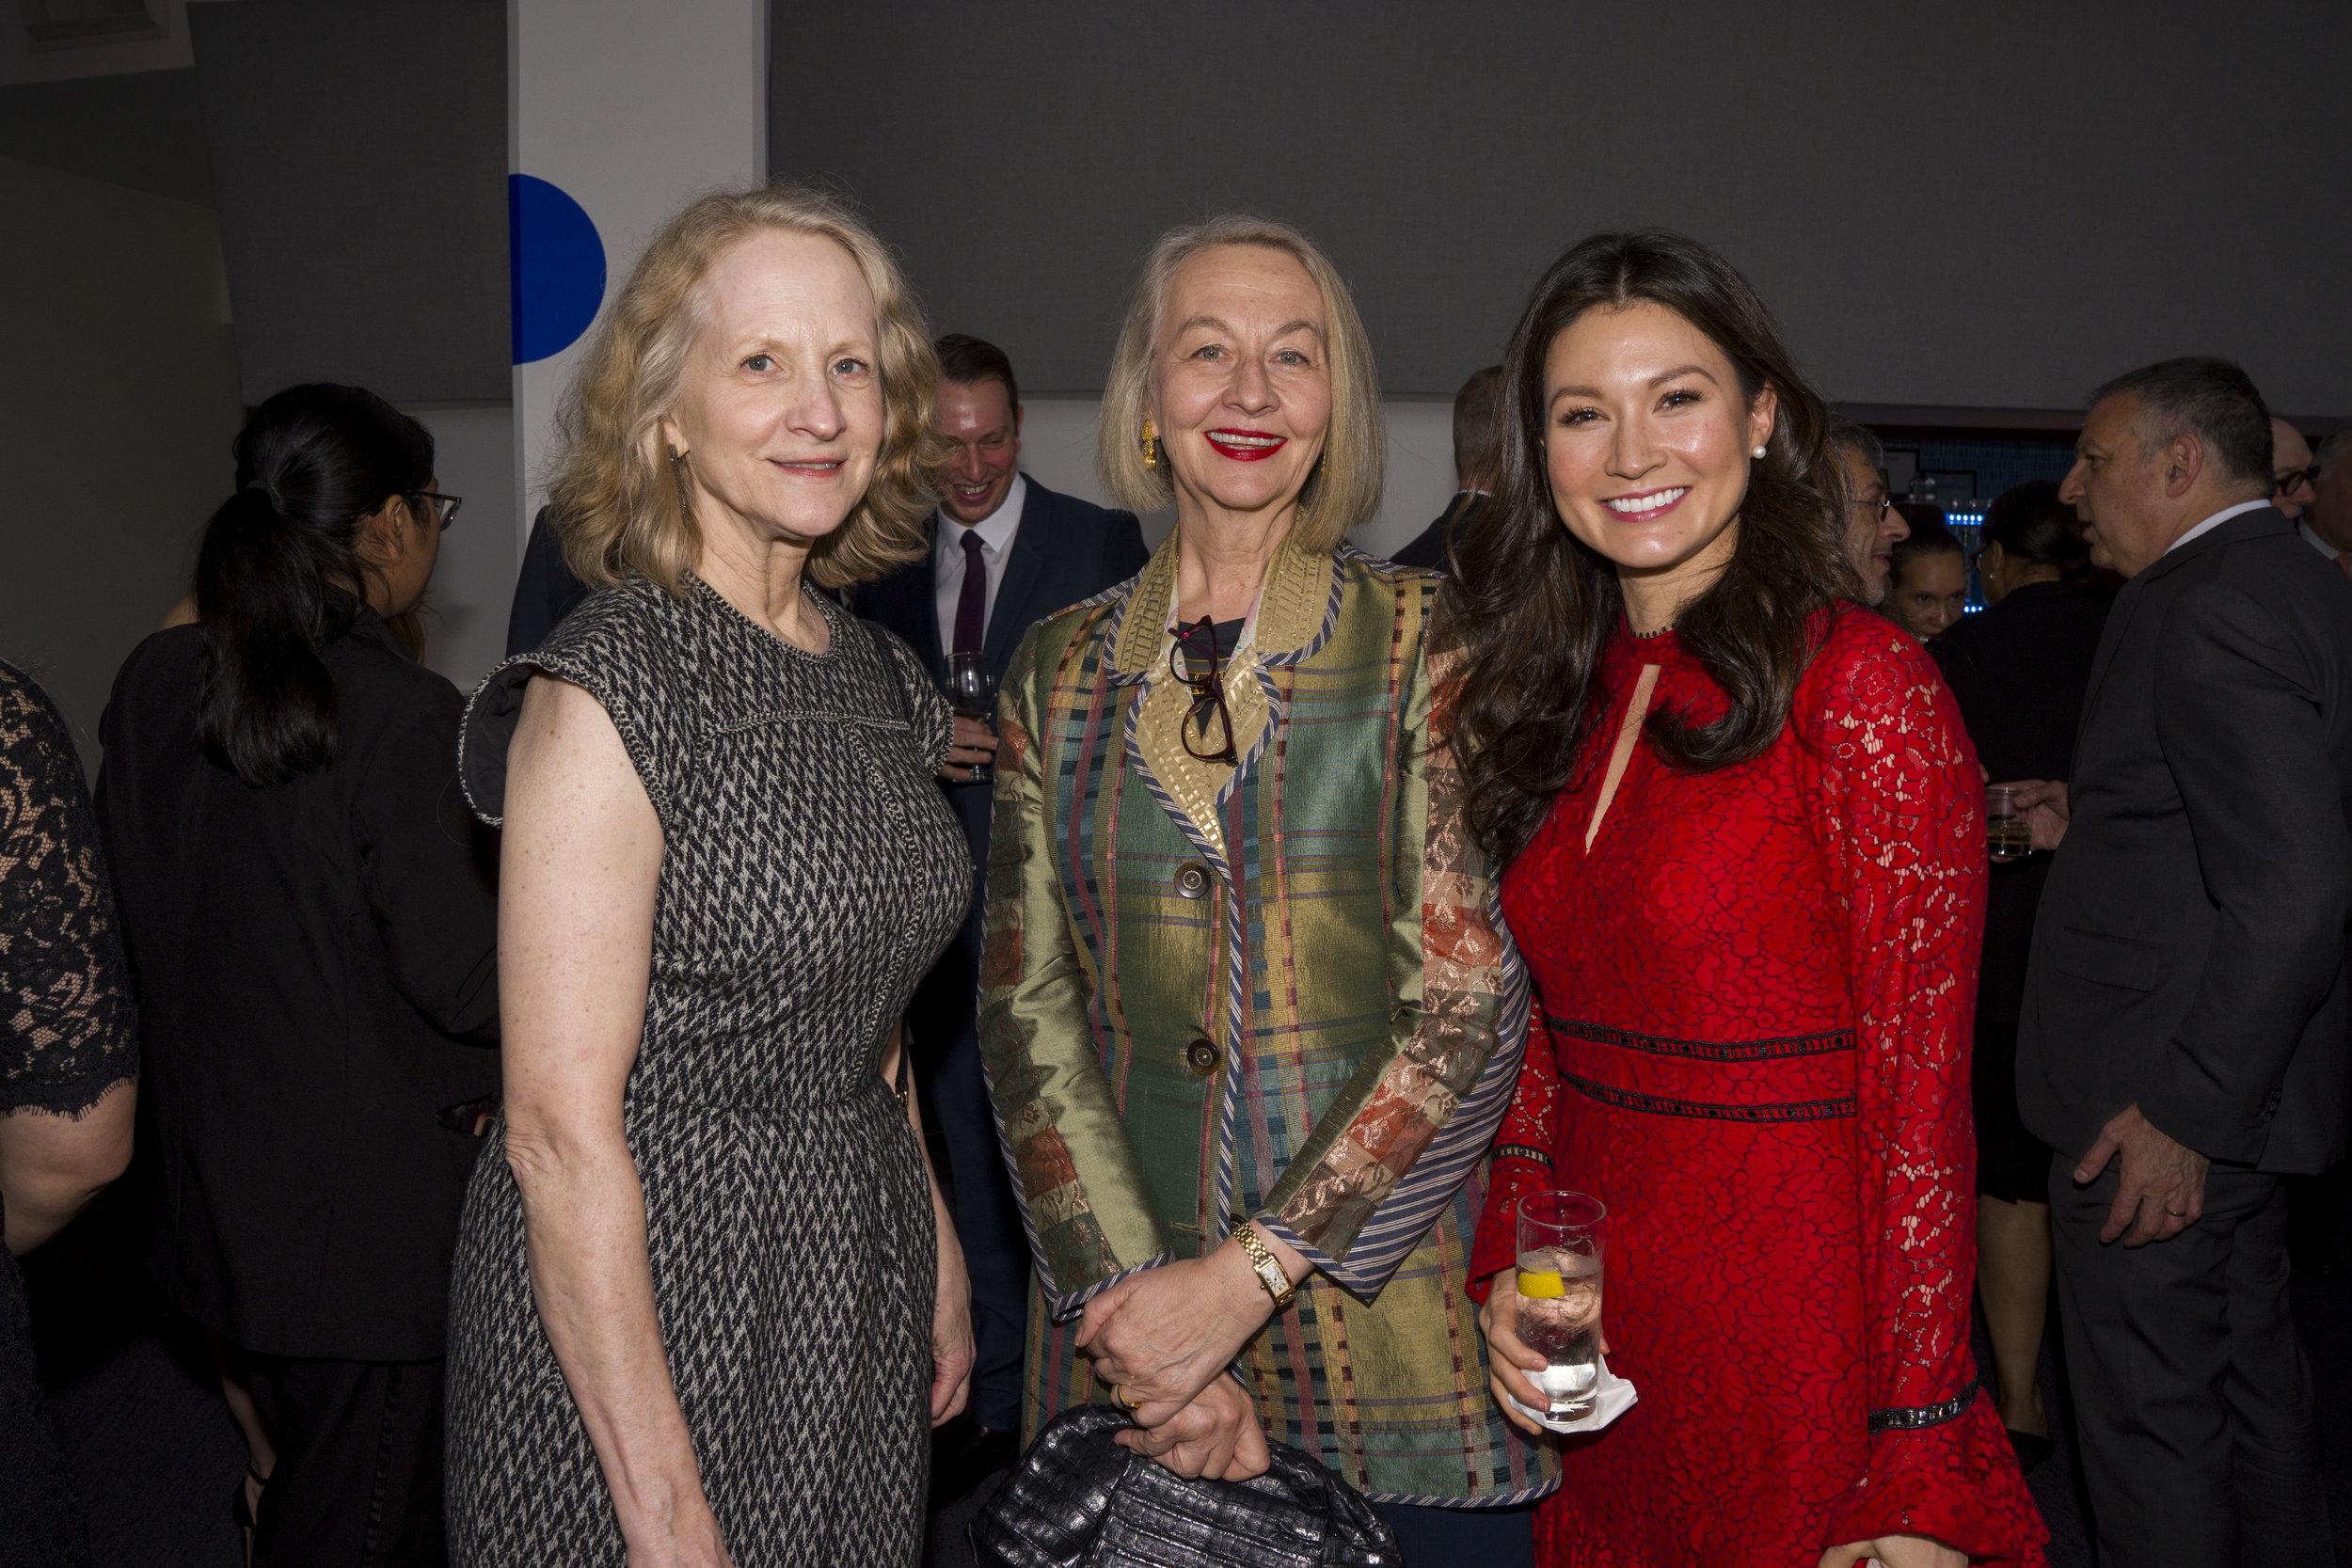 Mary White,Connie Steensma,Elizabeth Ford.jpg